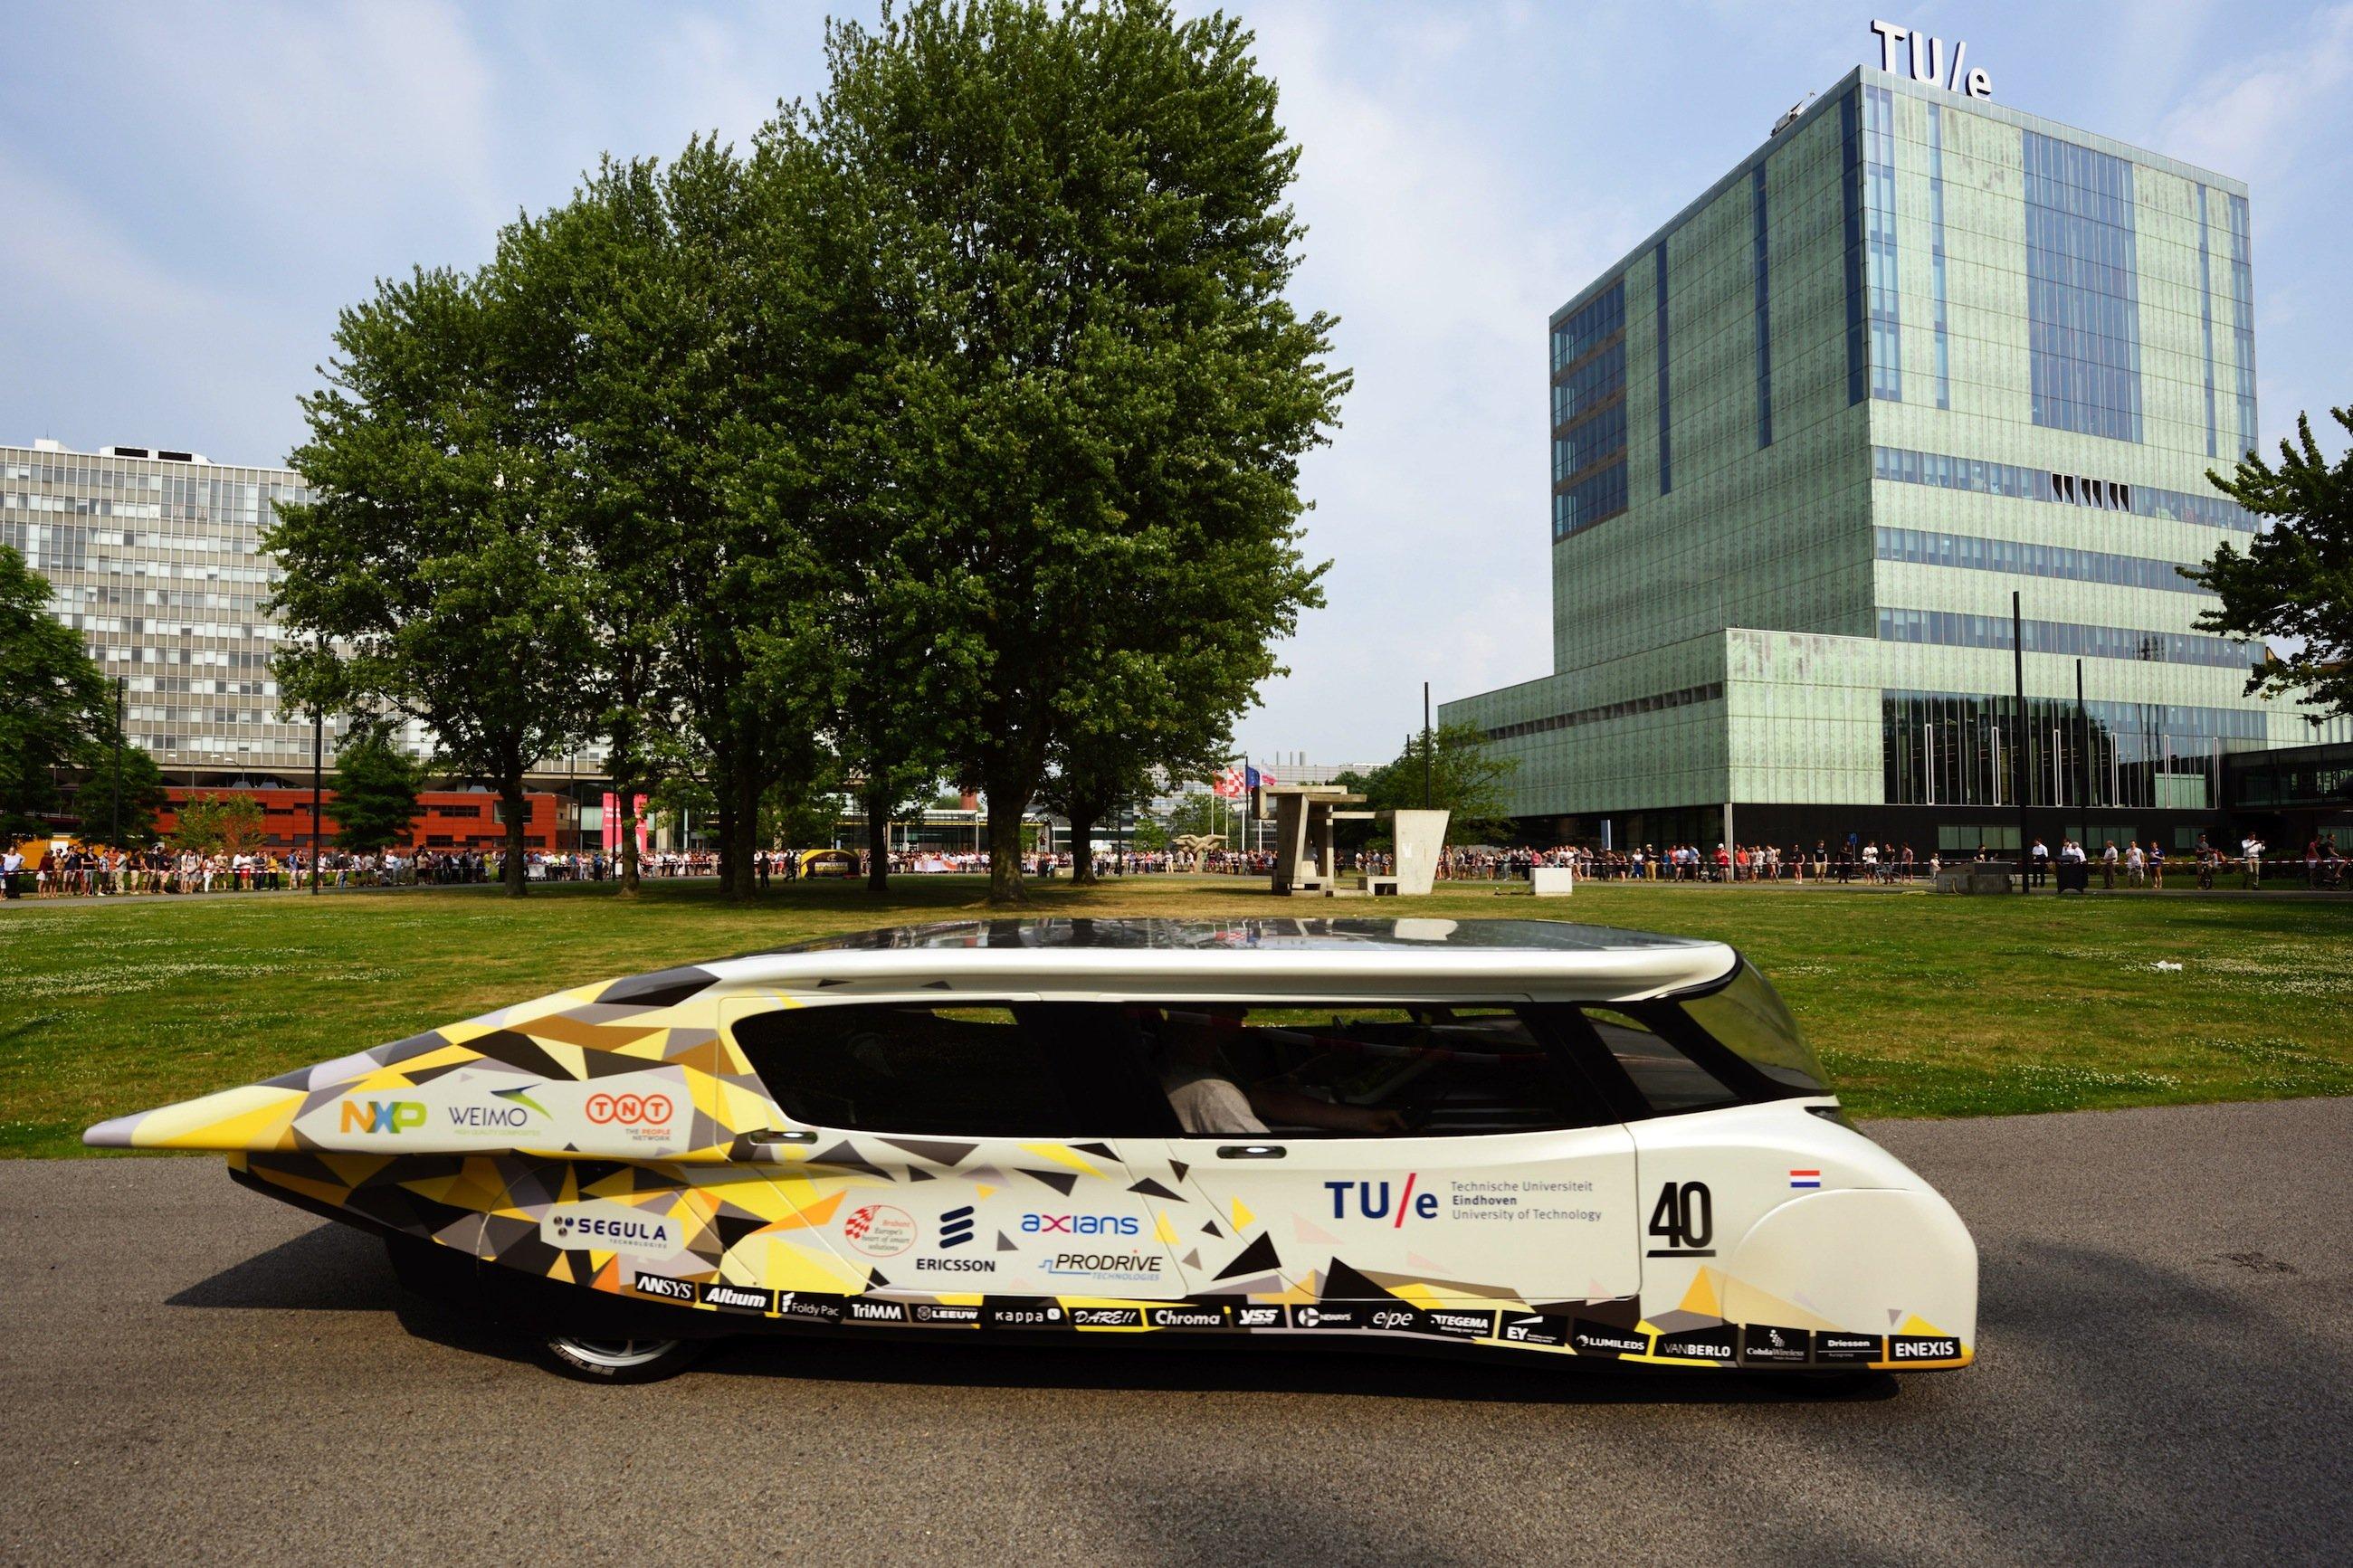 Stella Lux vor der TU Einhoven: Fast 400 Solarzellen auf dem Dach und leistungsfähige Akkus versorgen das Elektroauto mit Strom. Es erreicht bis zu 125 km/h.